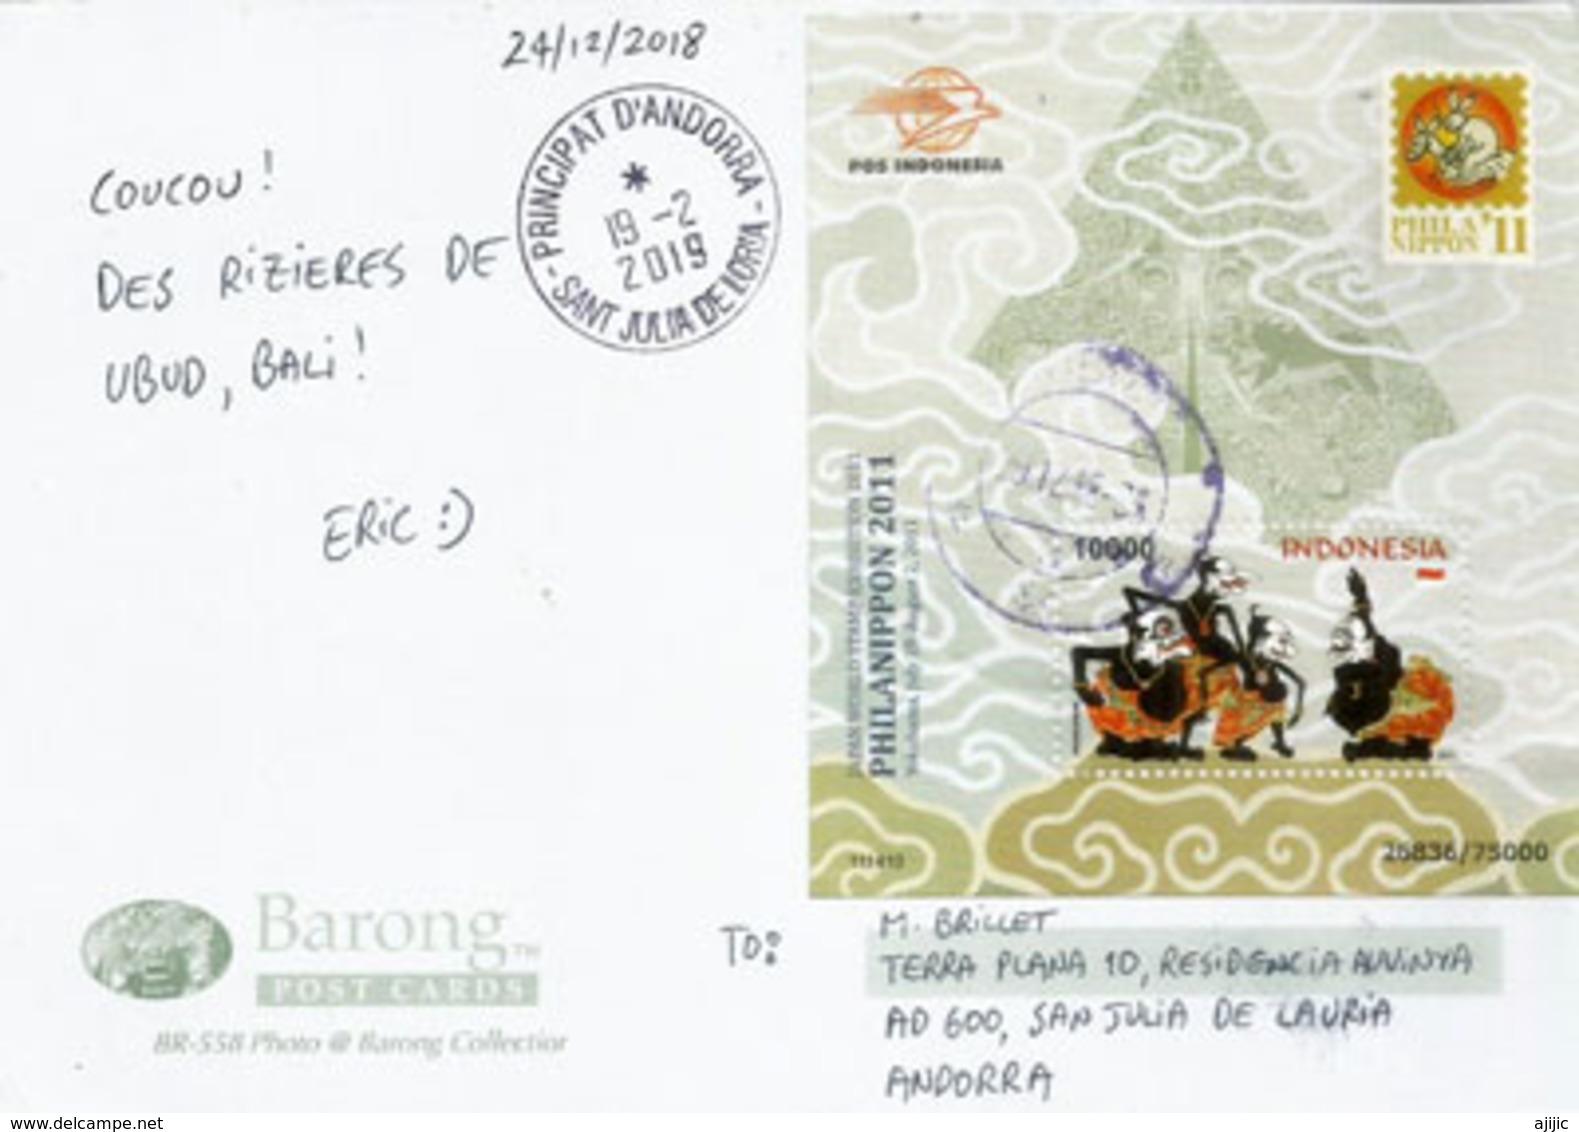 Culture Du Riz En Terrasses à BALI, Belle Carte Postale BALI, Affranchi Avec B-F Phila-Nippon Indonesia, Envoyée Andorra - Cultures